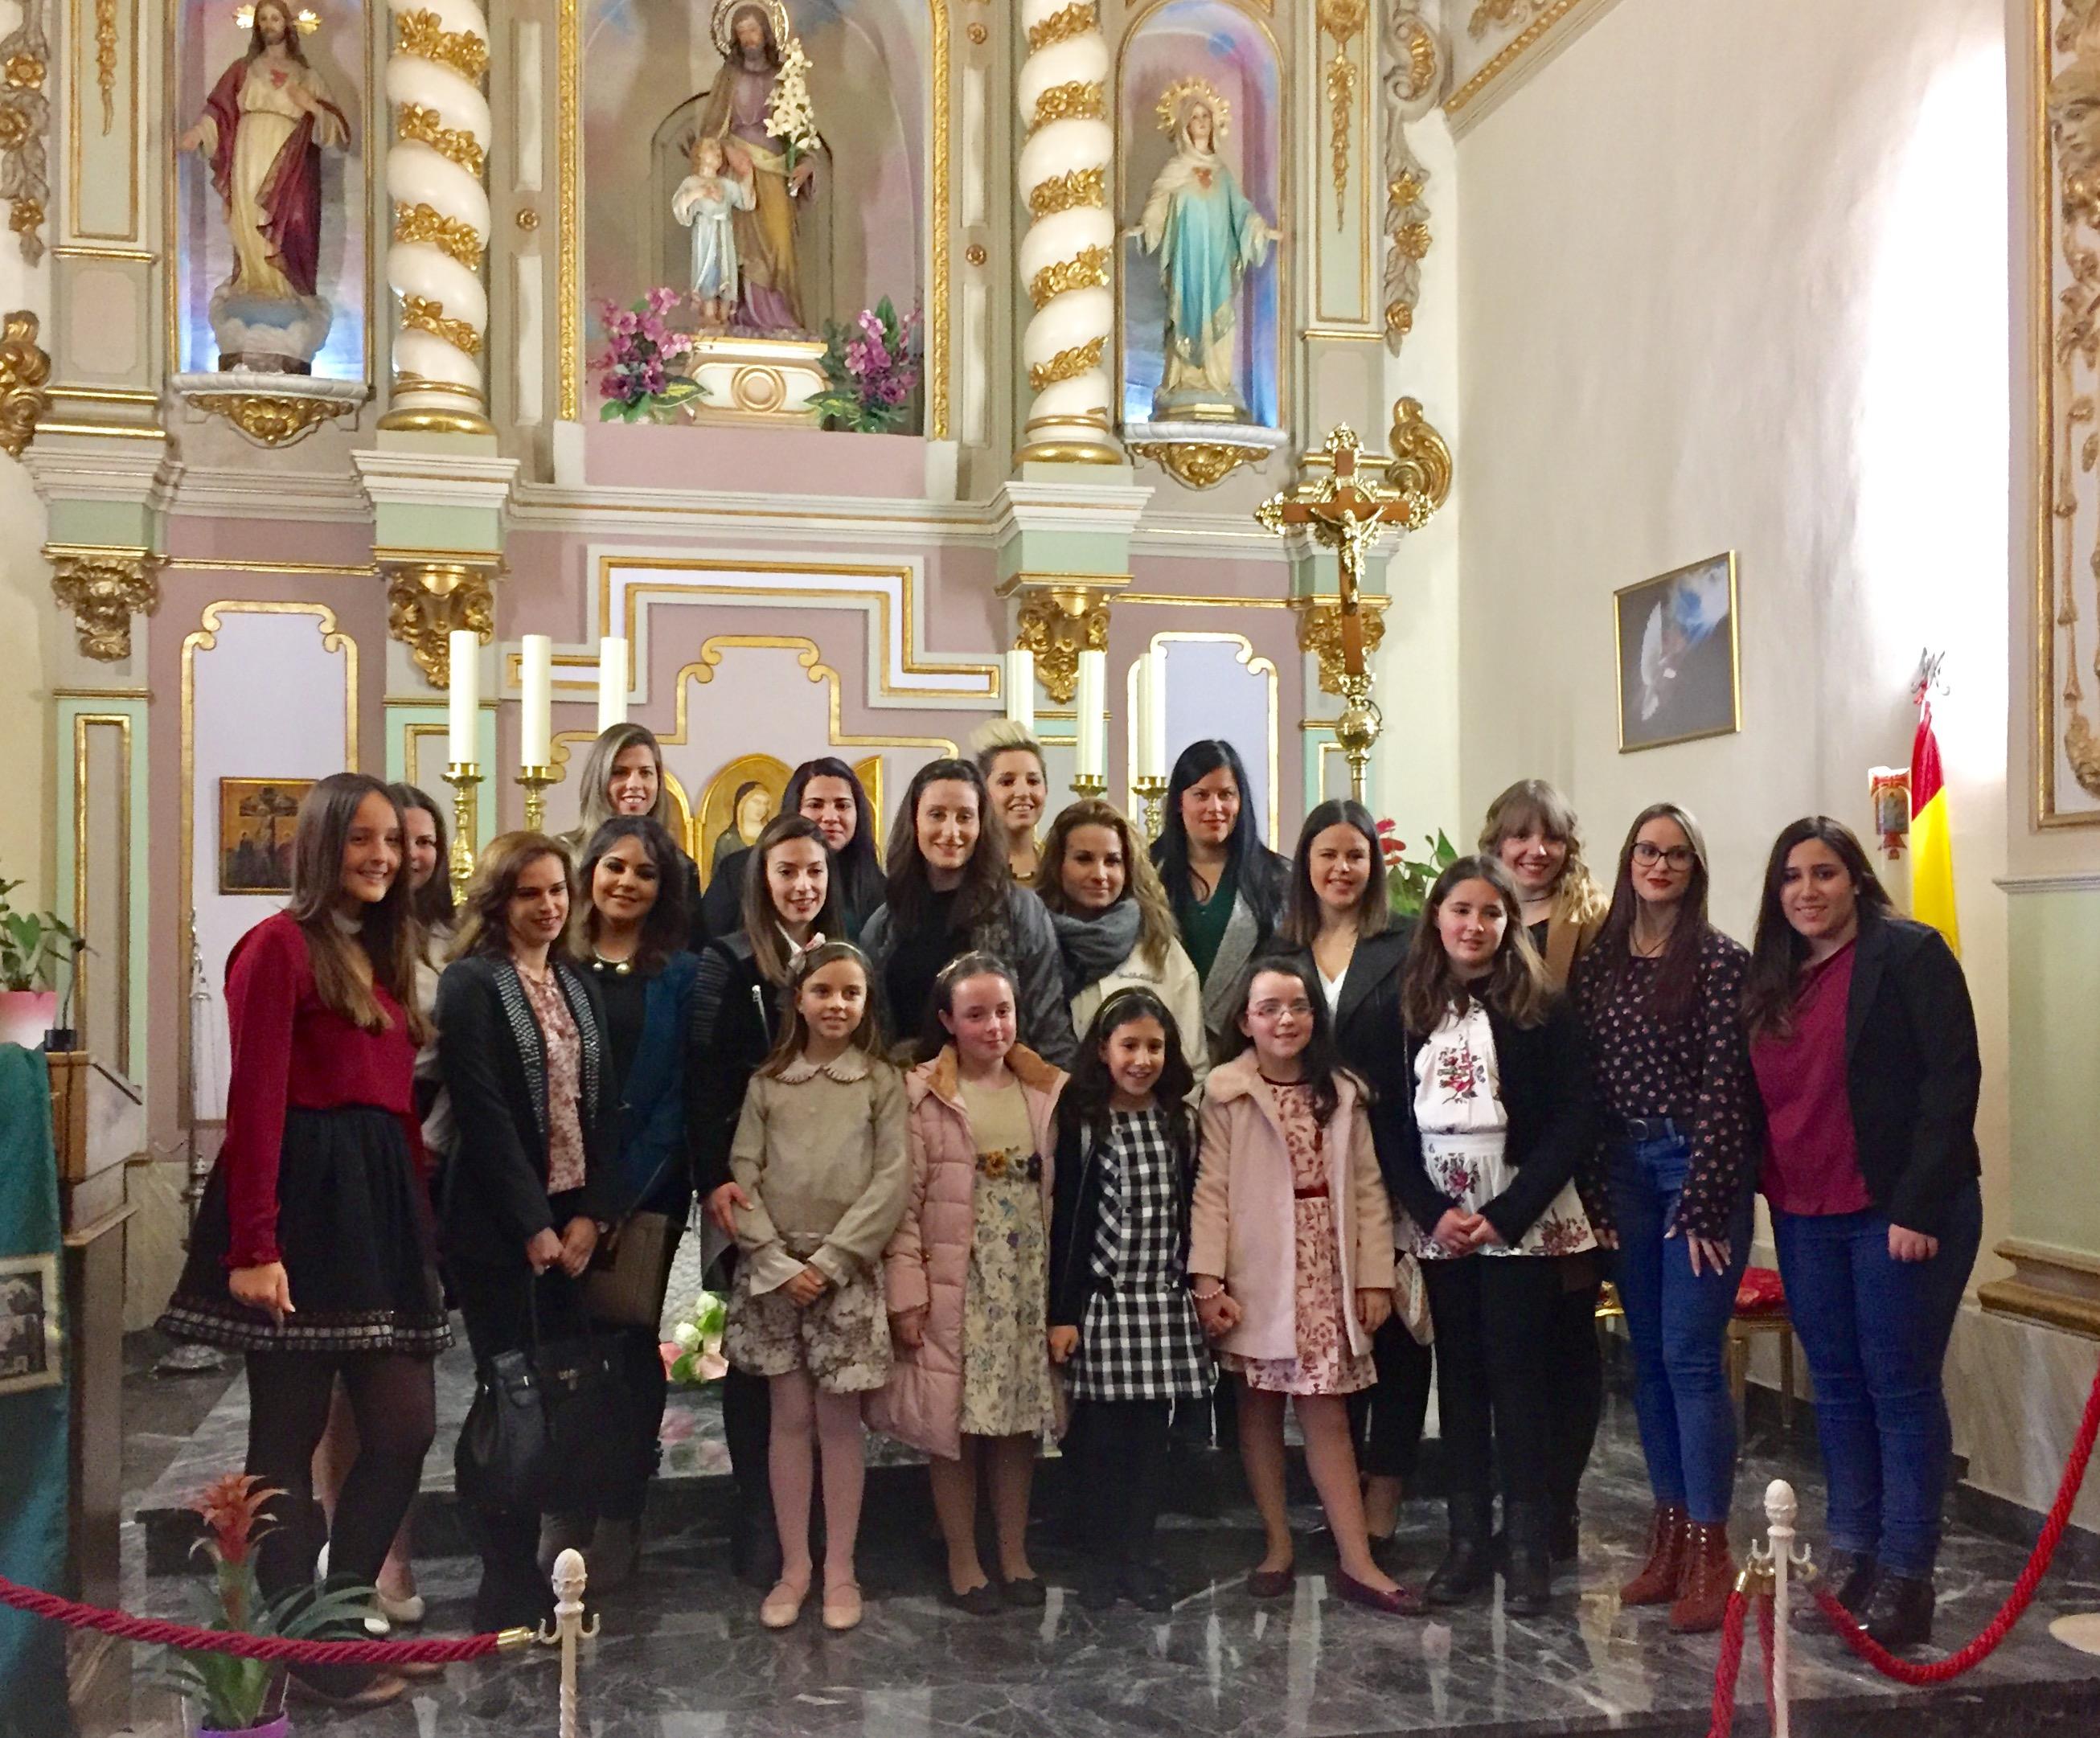 Se buscan candidatas a dama mayor para las Fiestas del Santísimo Cristo del Buen Acierto de l'Alfàs